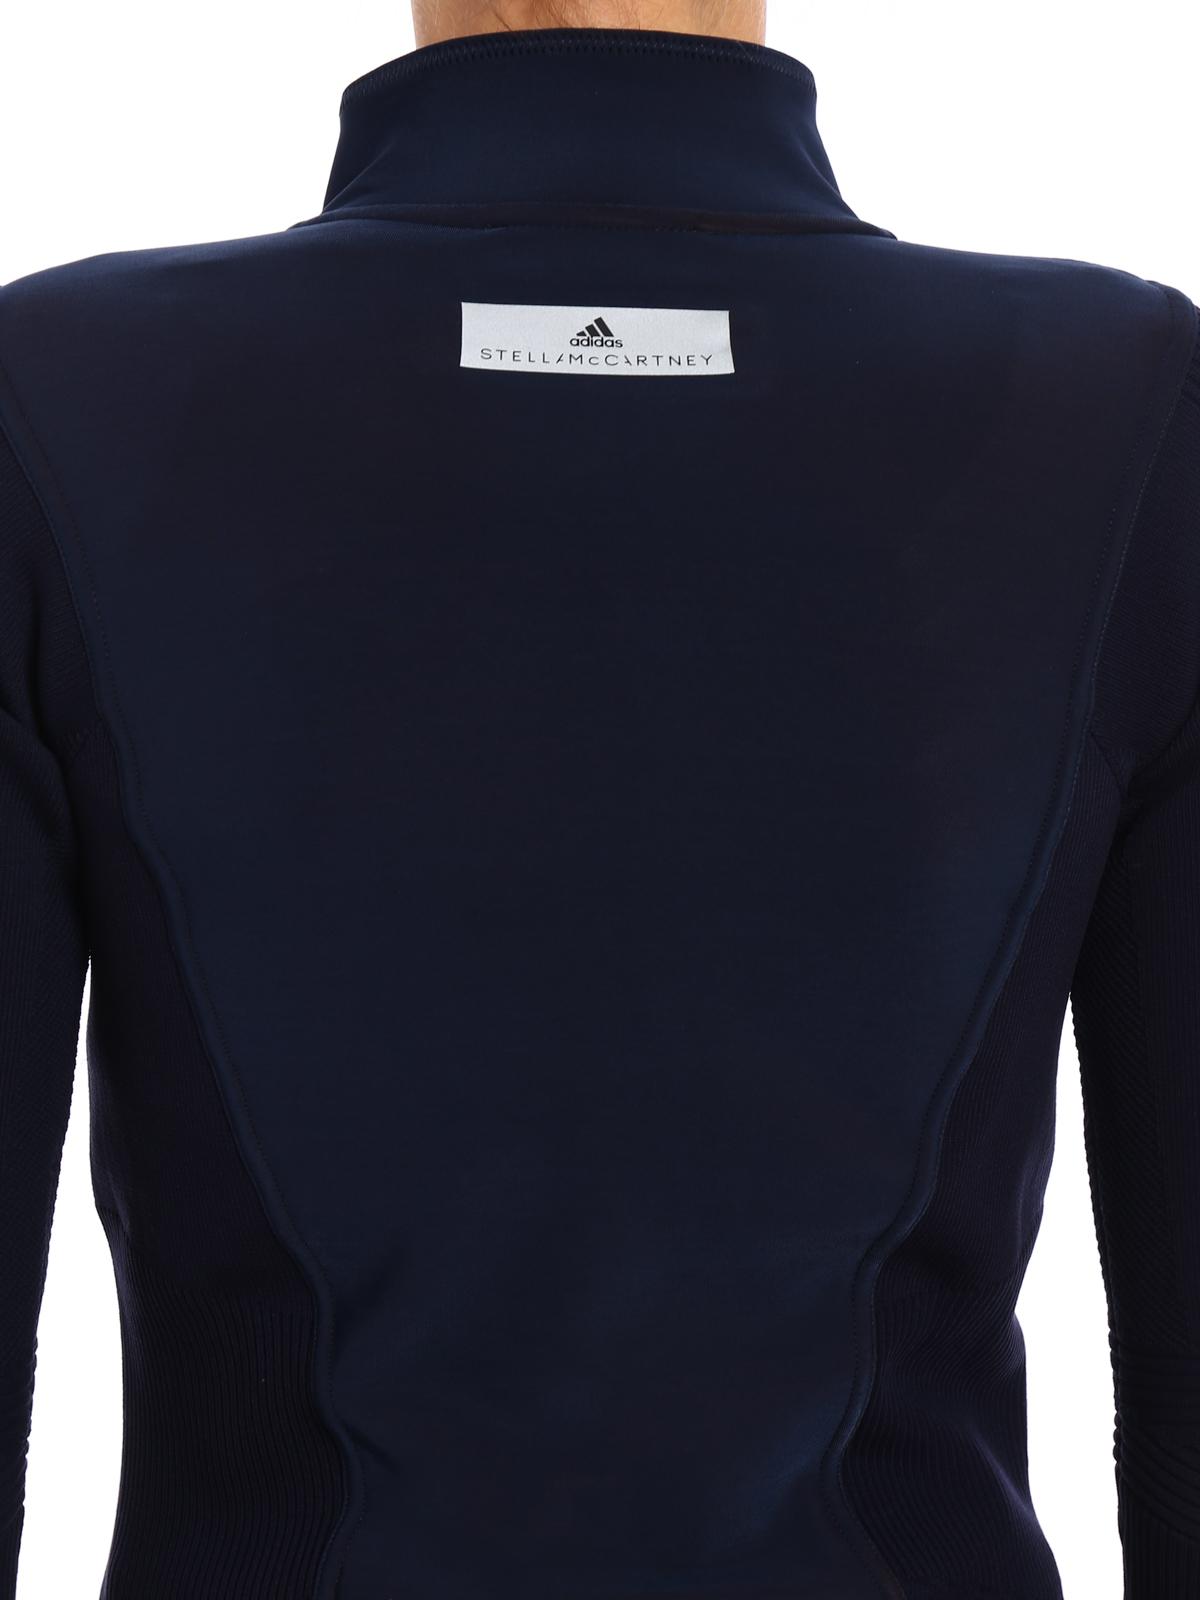 eae2b9a93040c Adidas by Stella McCartney - Run Knit zip track jacket - Sweatshirts ...